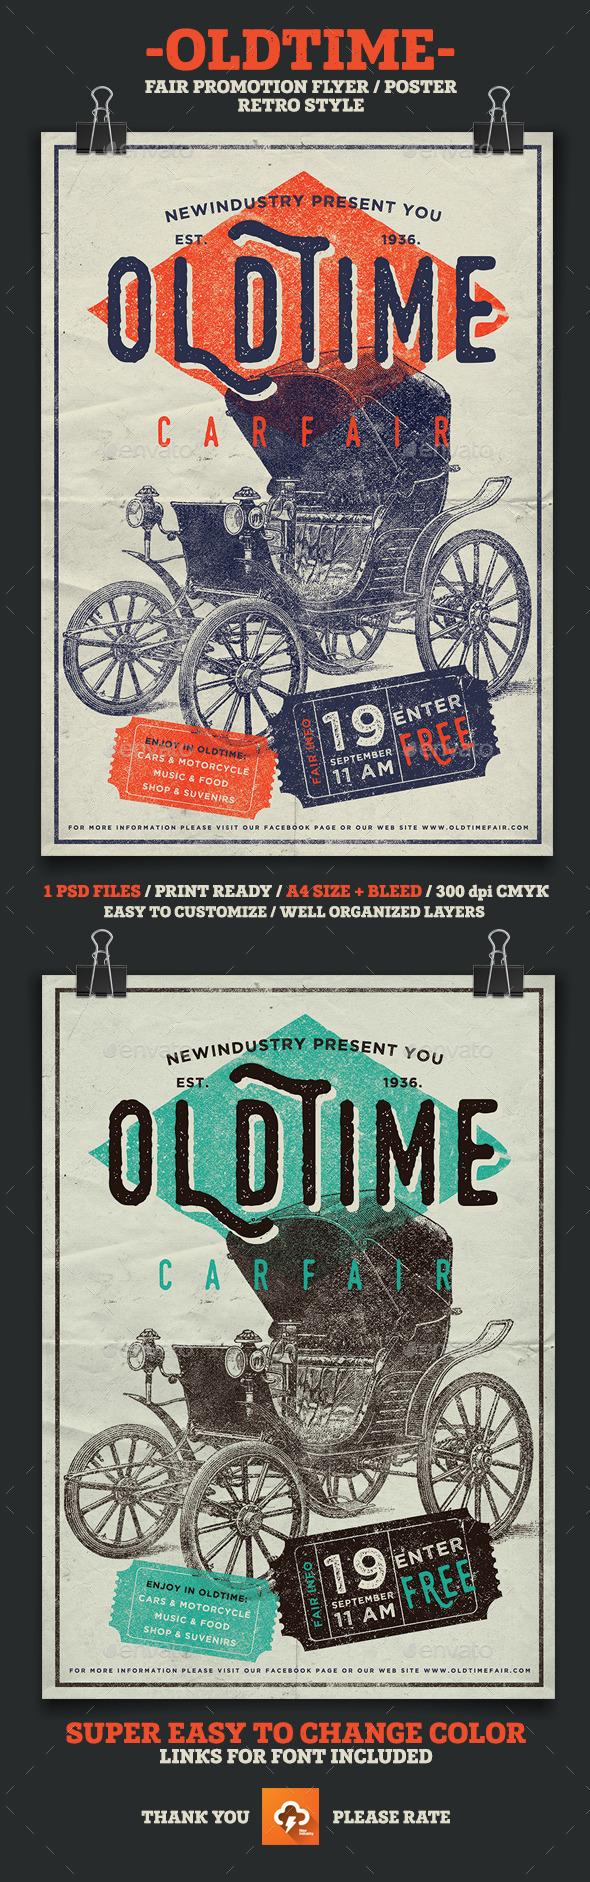 Oldtime Car Fair Poster/Flyer - Events Flyers